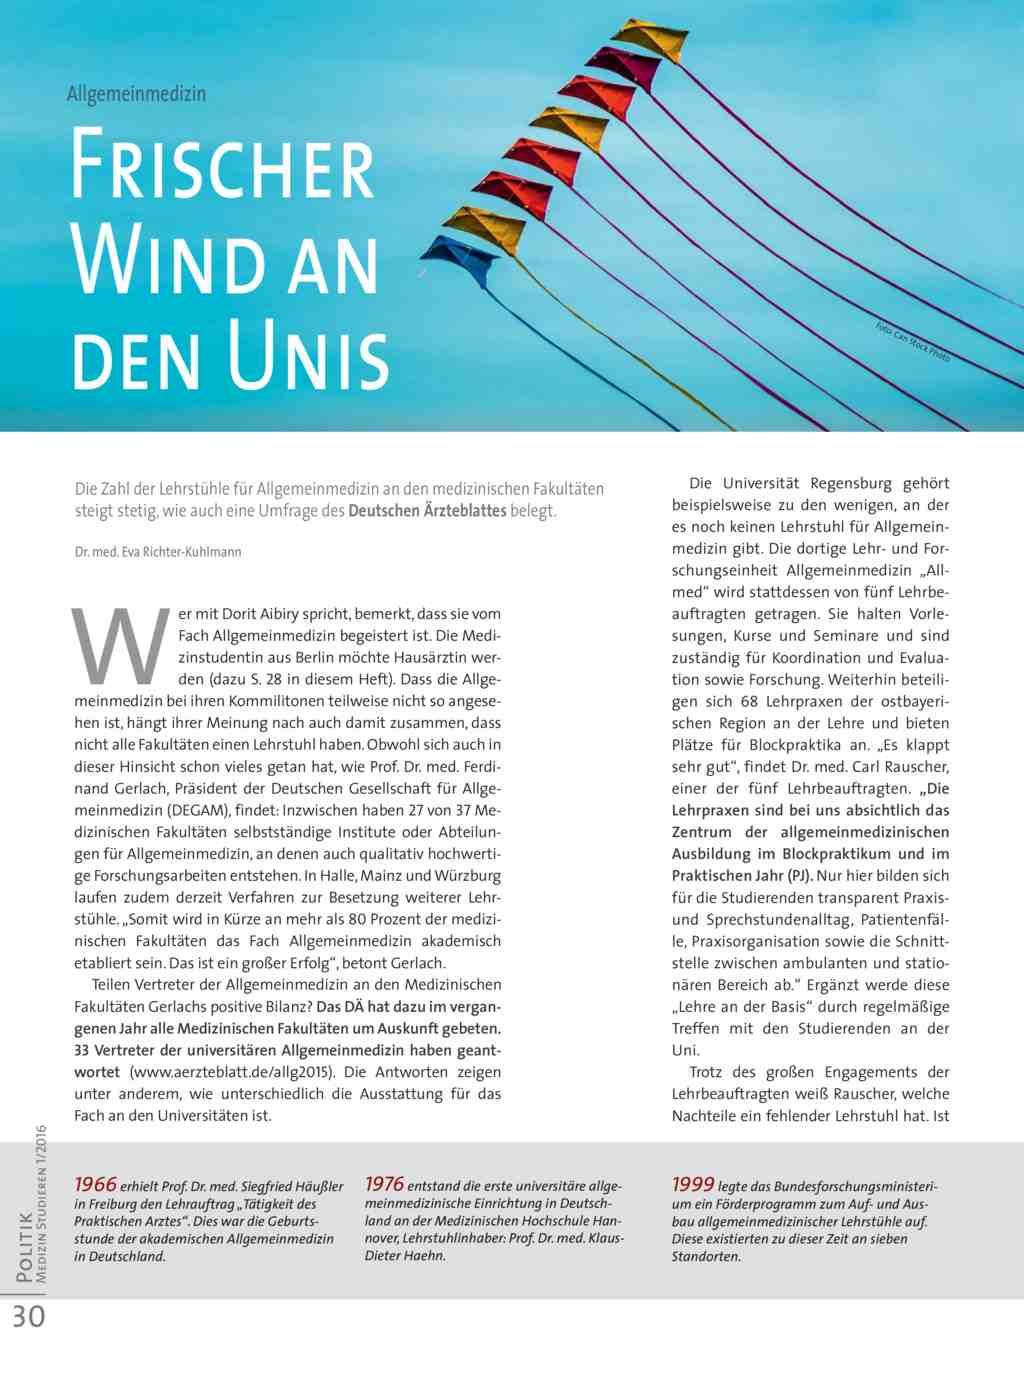 Allgemeinmedizin: Frischer Wind an den Unis